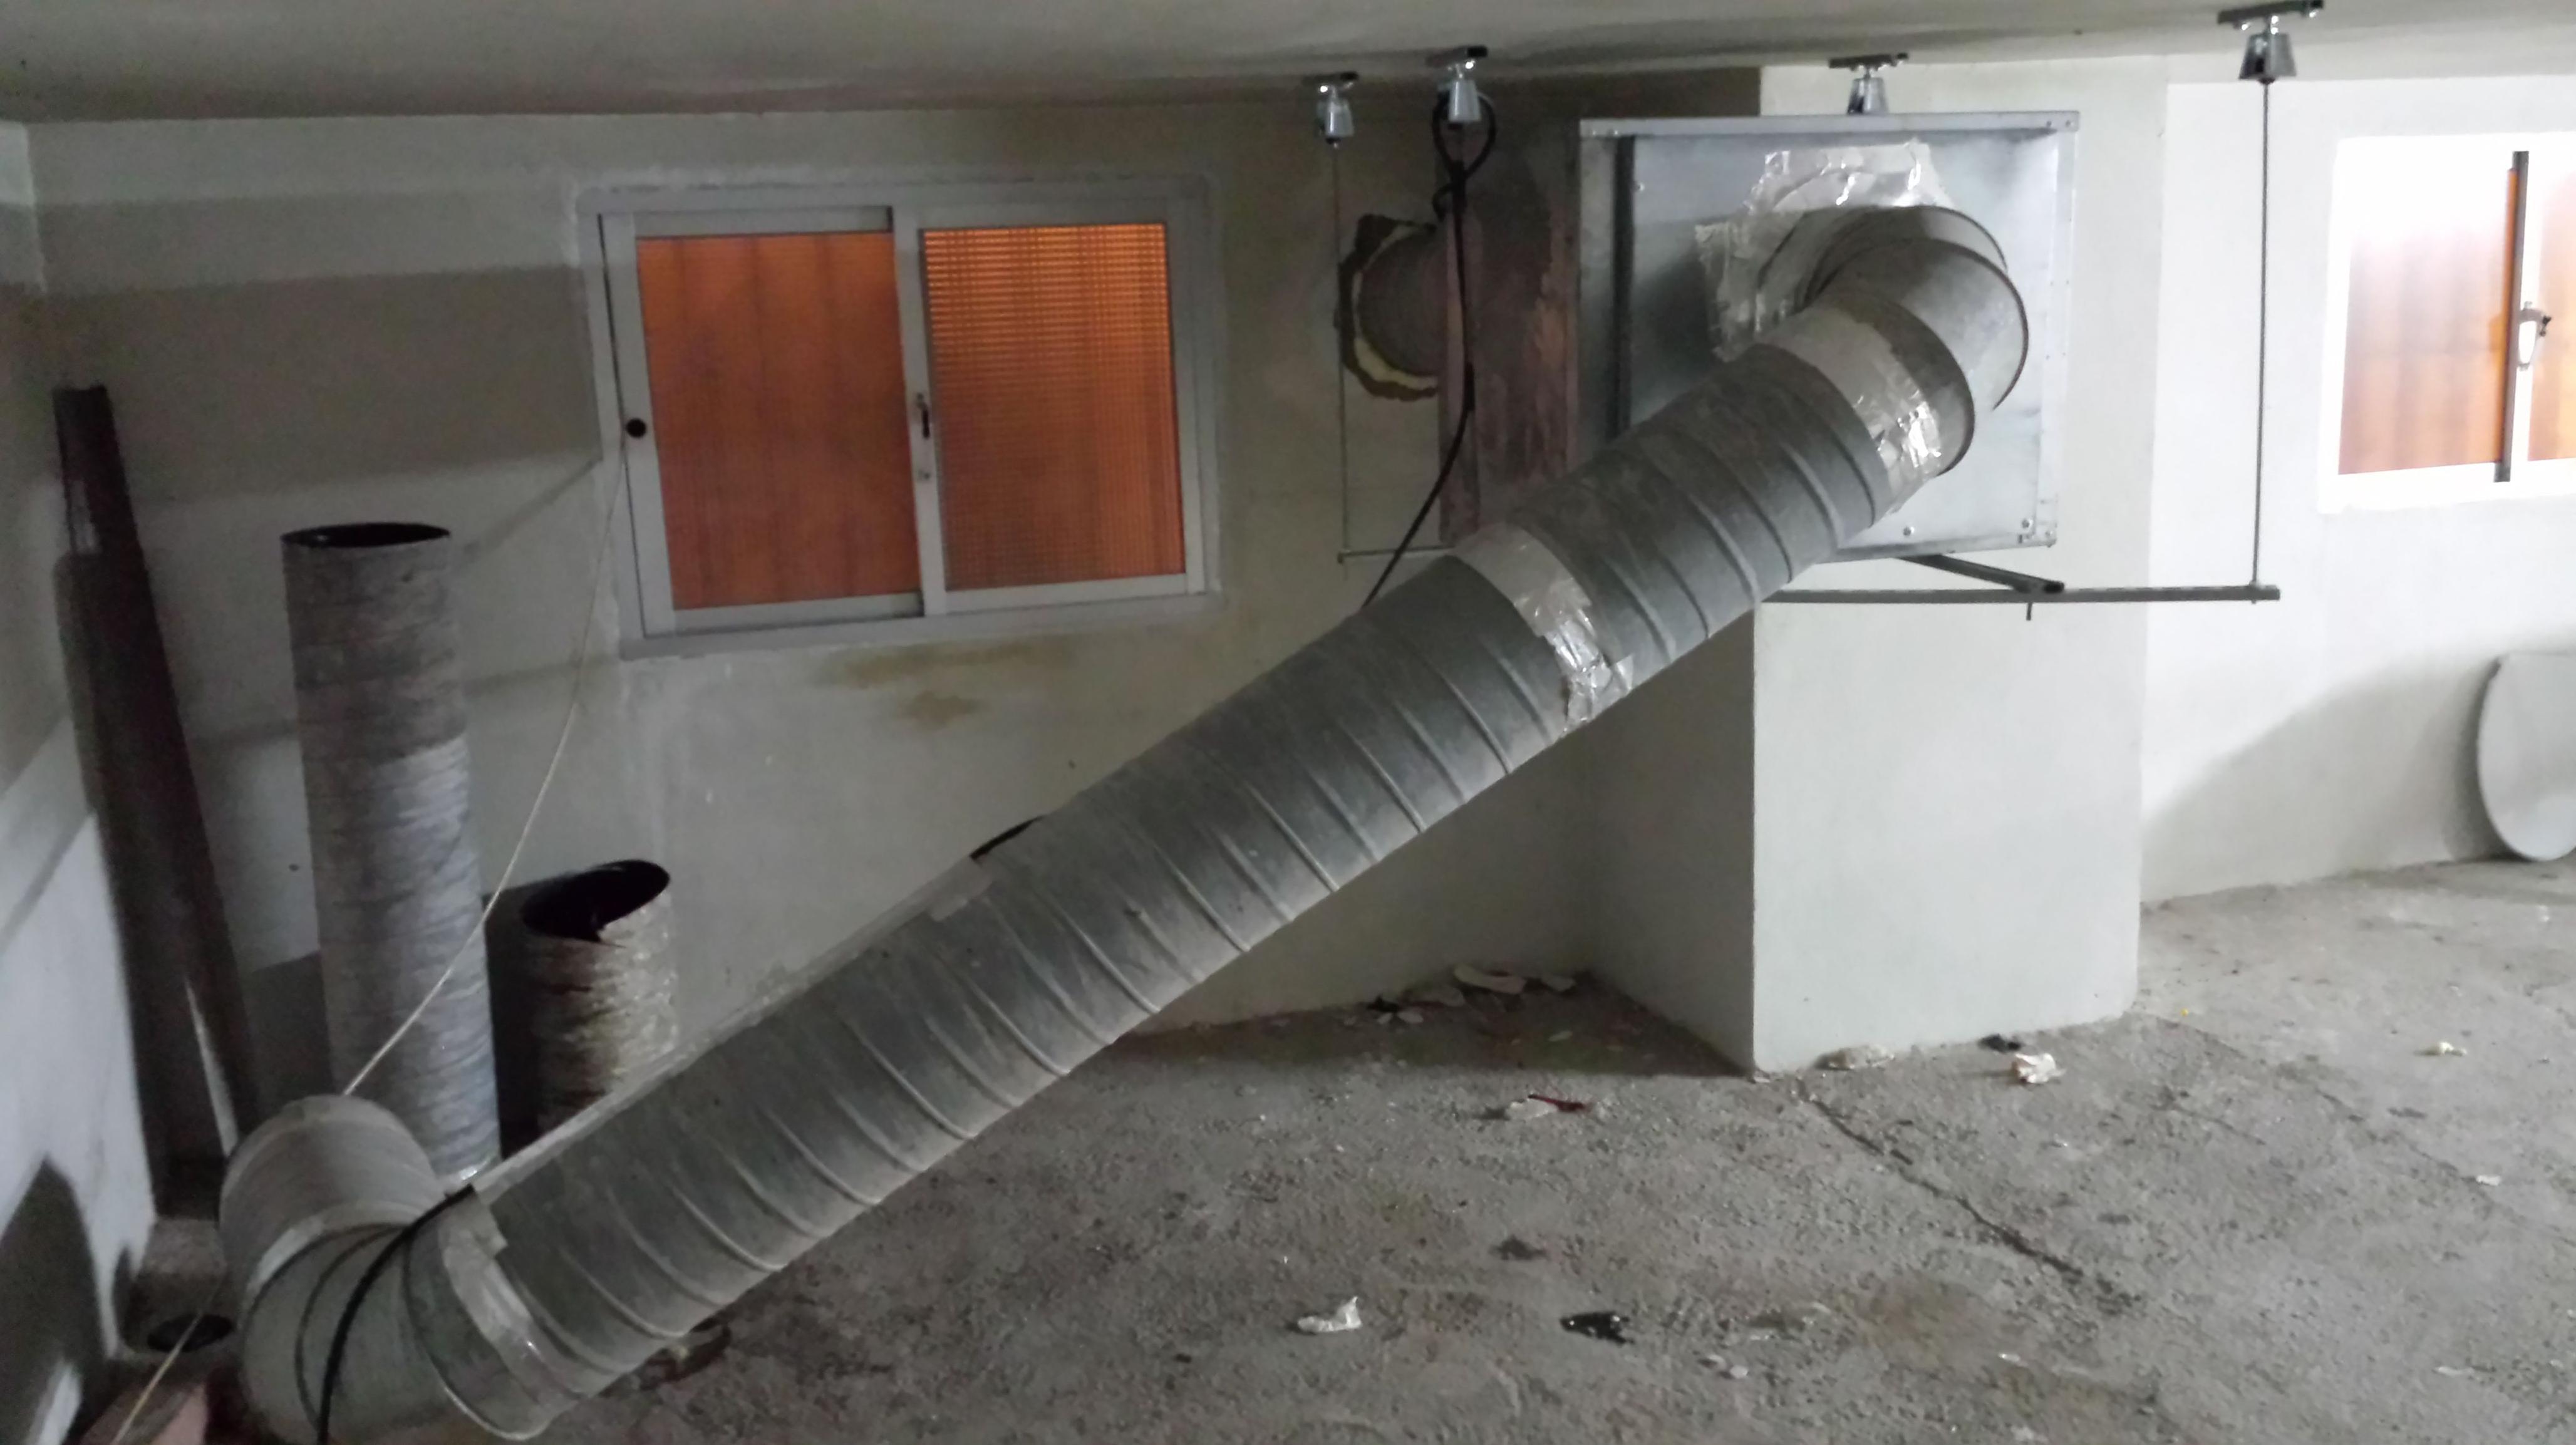 Ej. Instalación sistema filtronic, eliminación de grasas y olores (actividades calificadas)